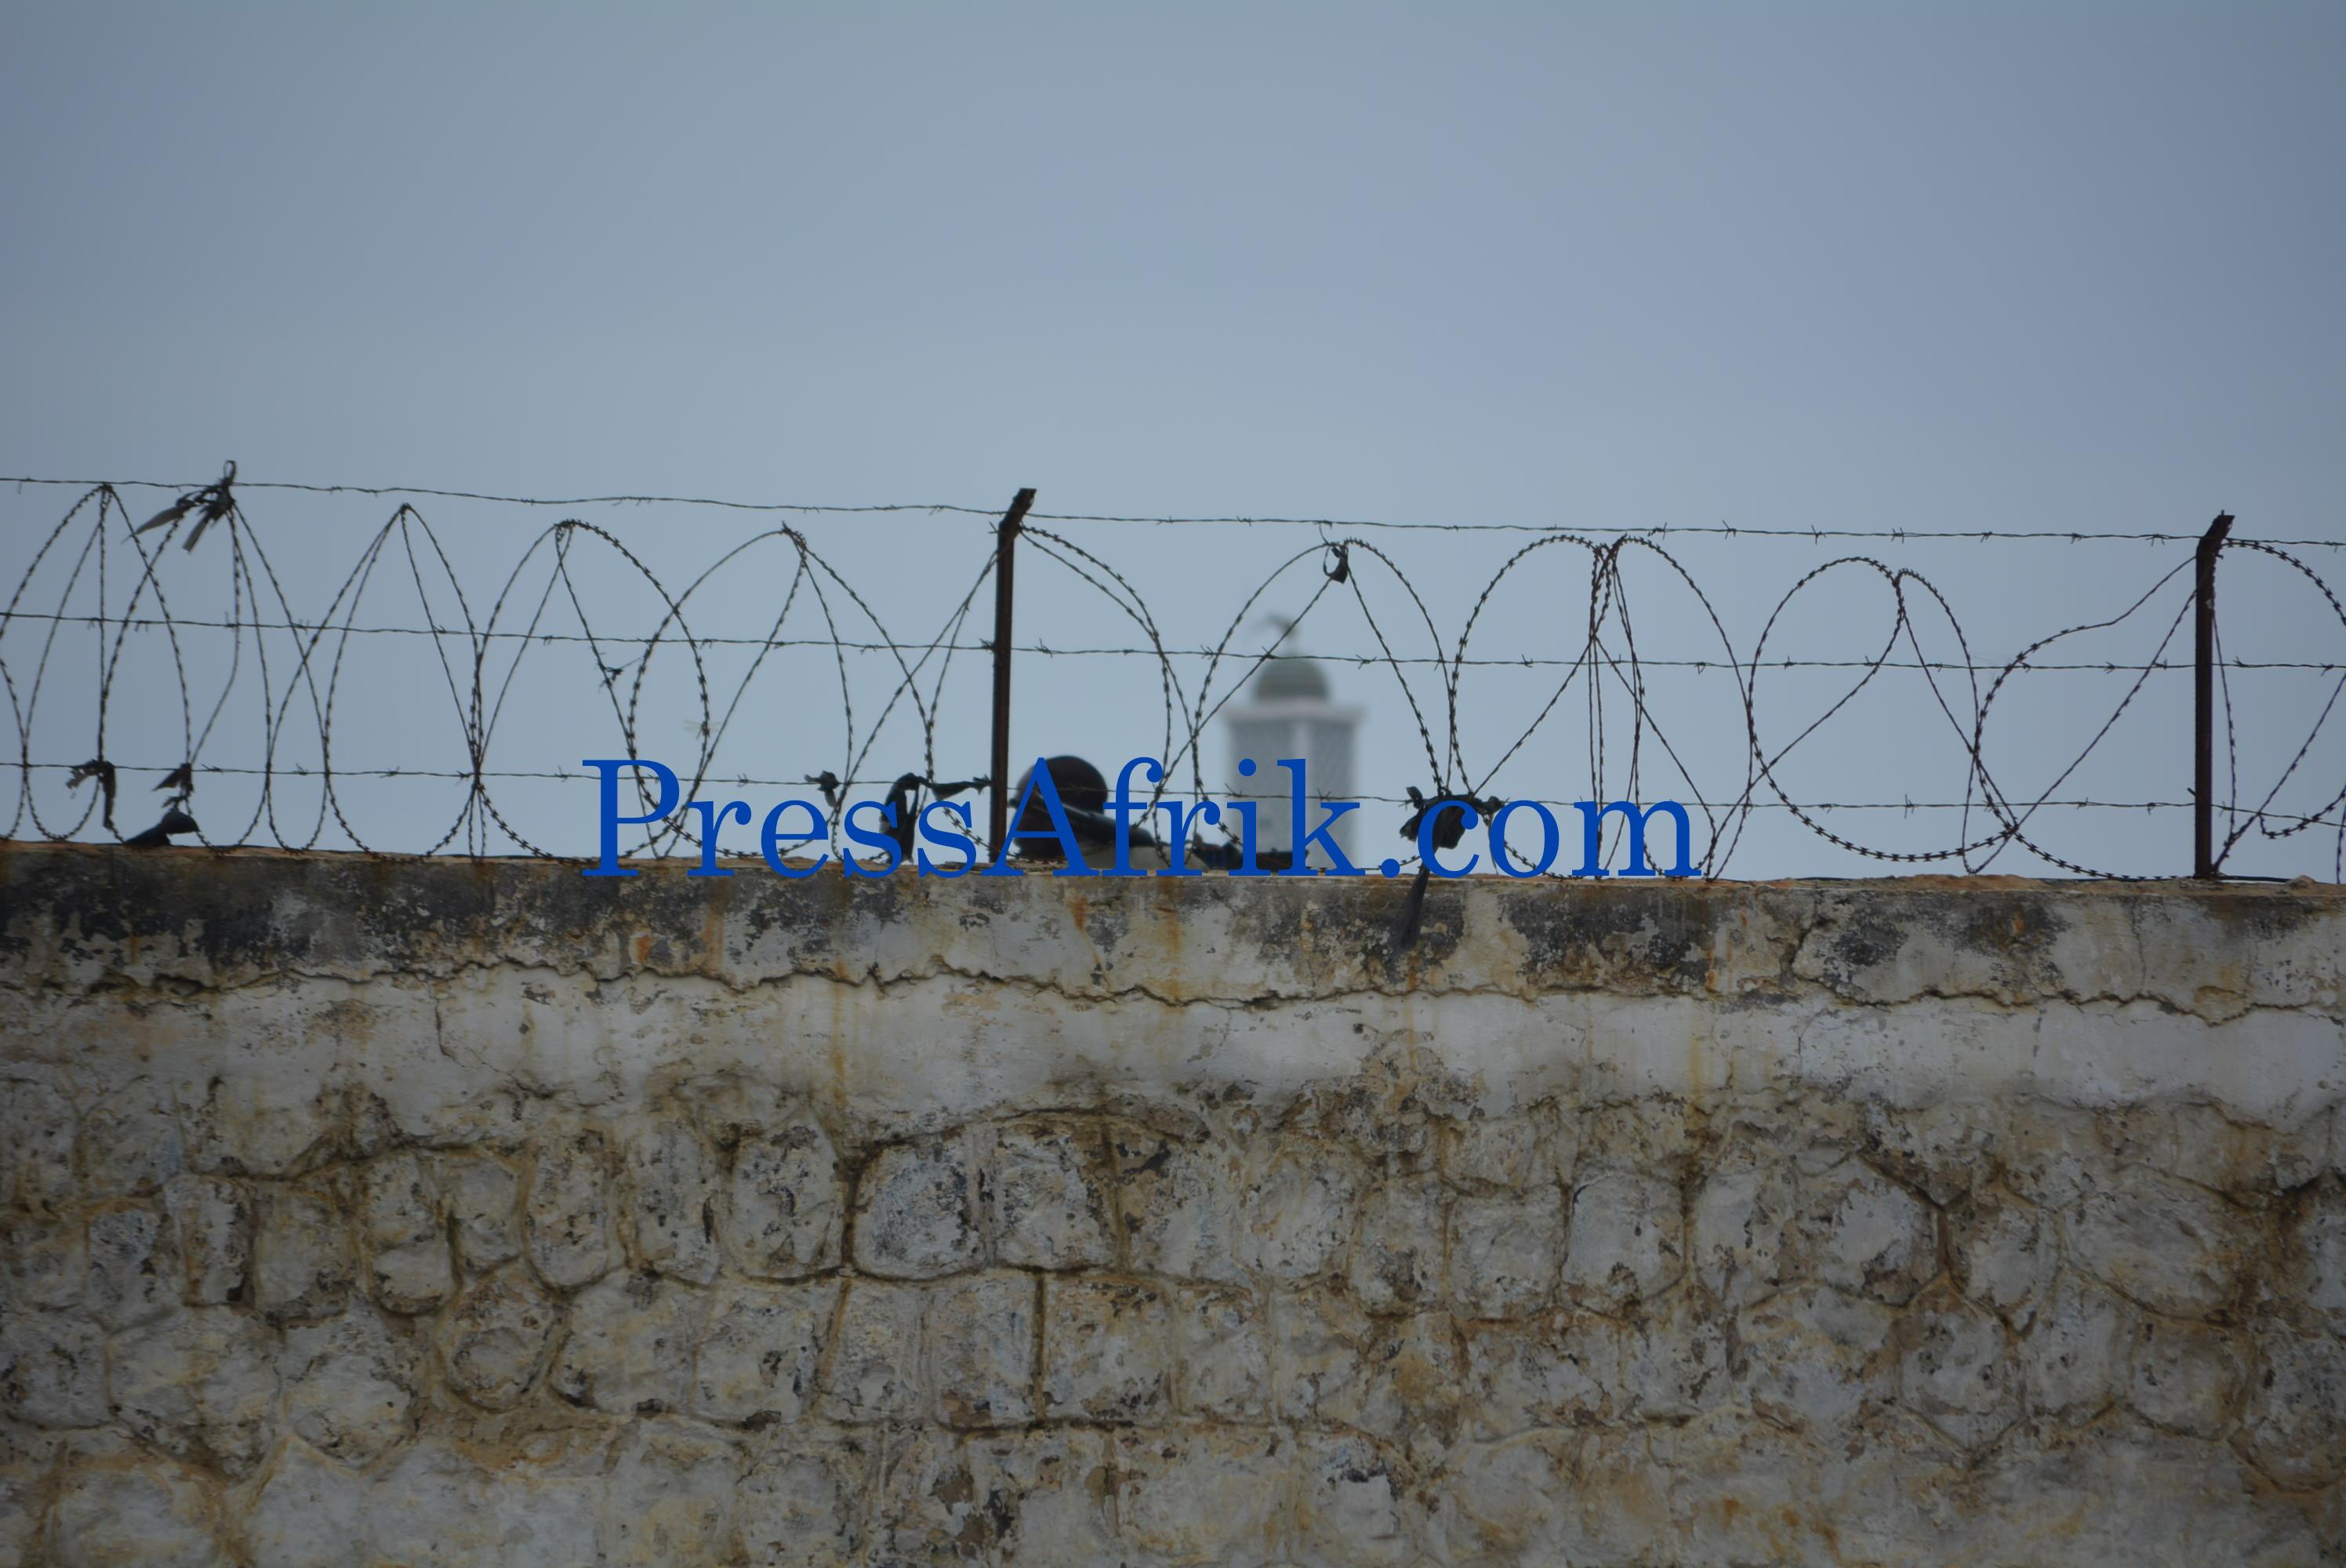 Prison de Rebeuss: Un mort et des blessés, omerta des autorités pénitentiaires (mise à jour)